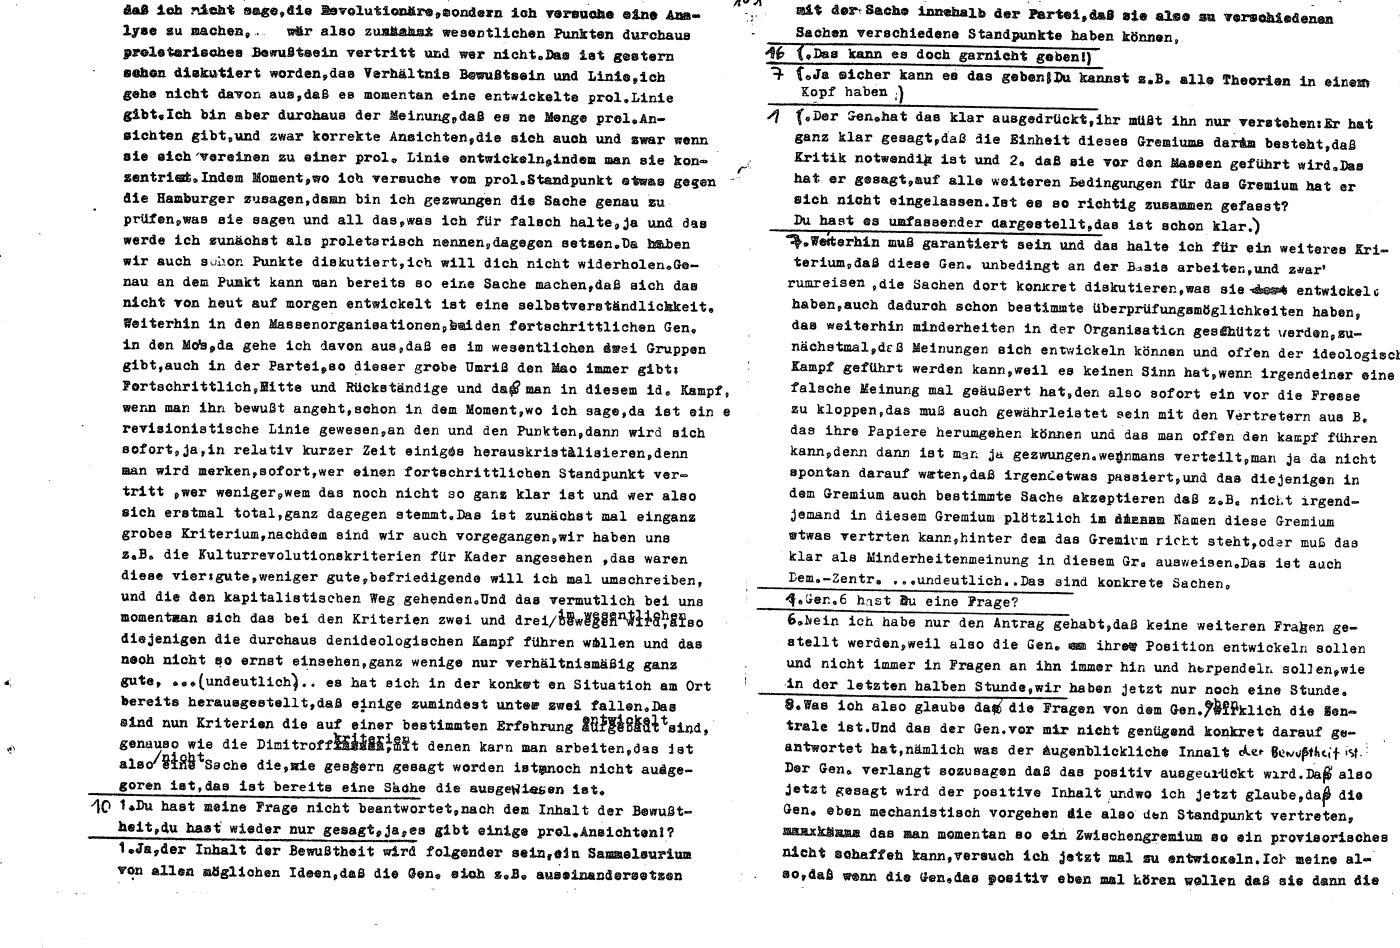 KPDML_1971_Wortprotokolle_aoPt_053